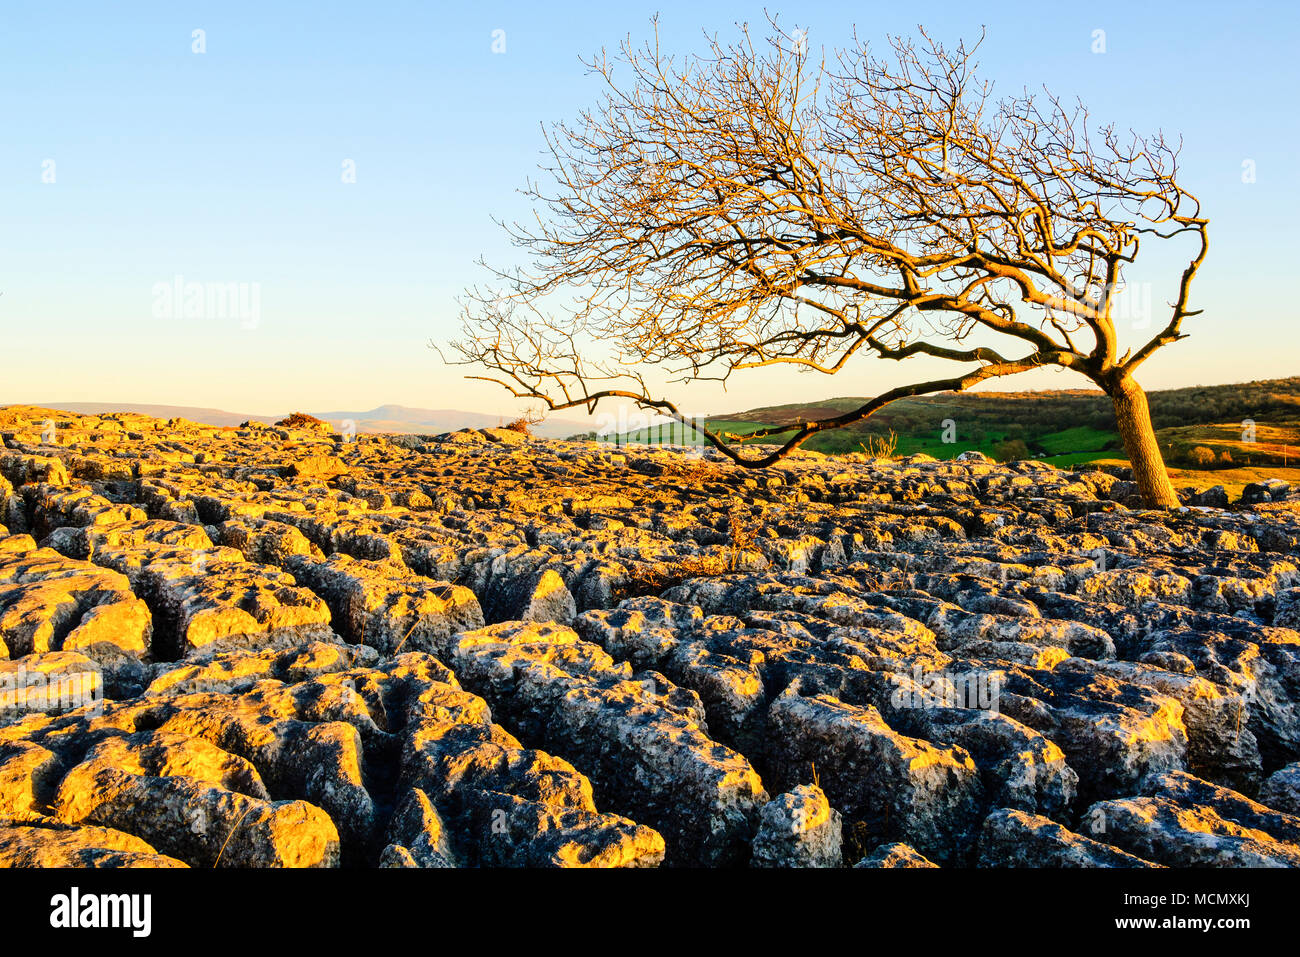 Esche aus Kalkstein Plasterung auf Farleton fiel, Cumbria wachsende Stockbild